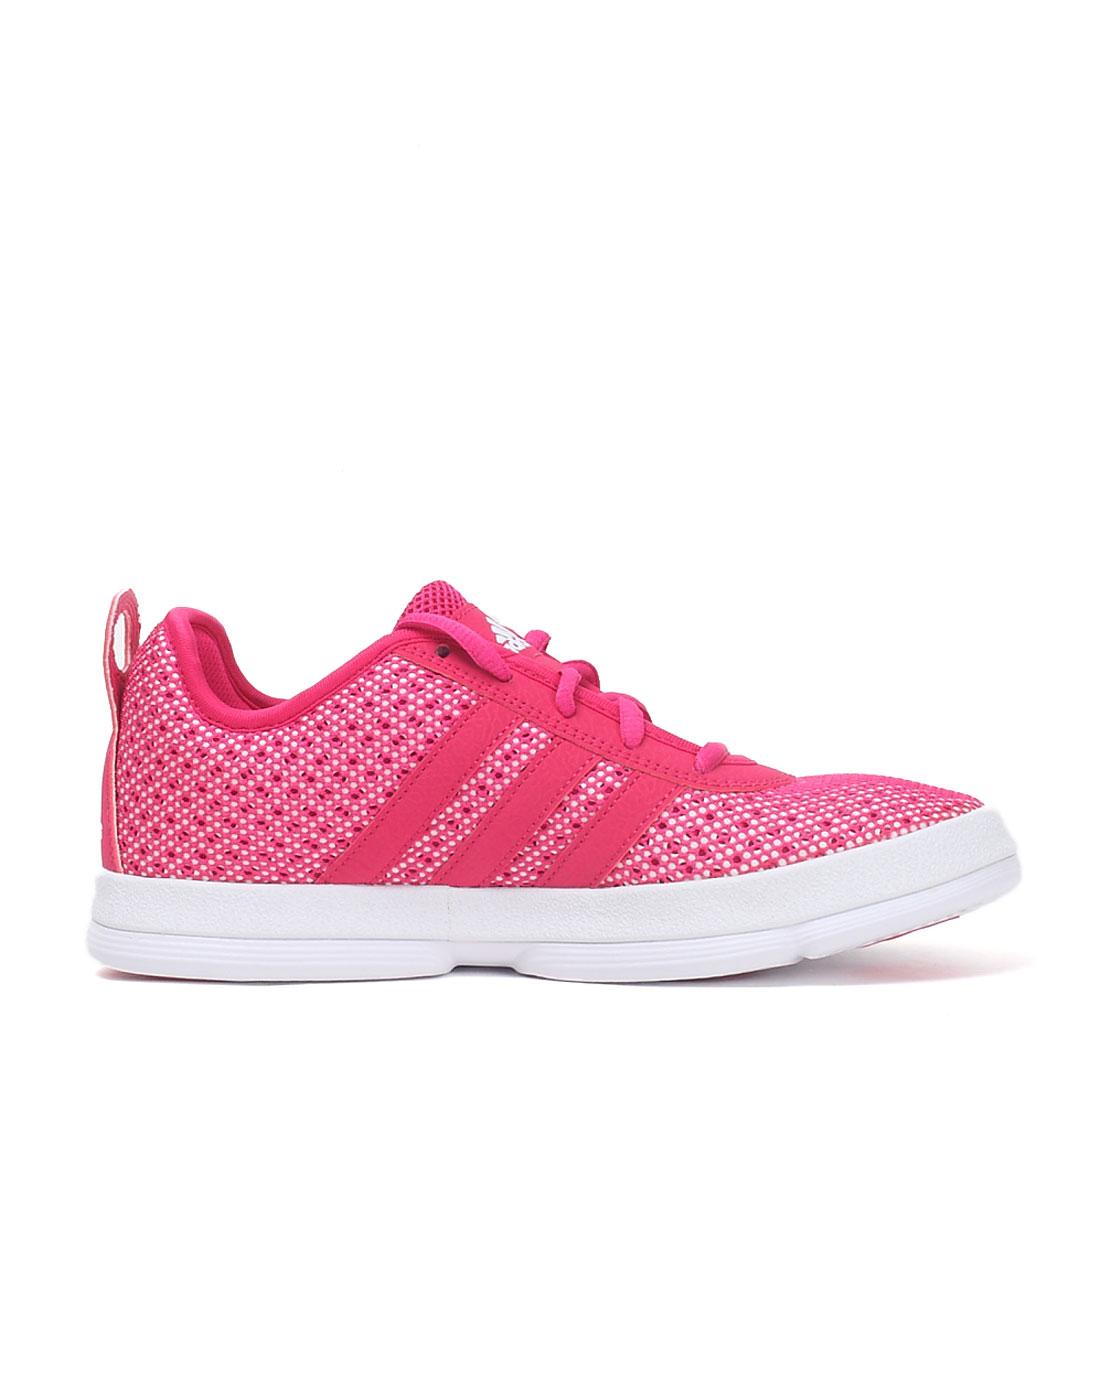 阿迪达斯adidas男女鞋女款粉色x-hale篮球鞋g59029